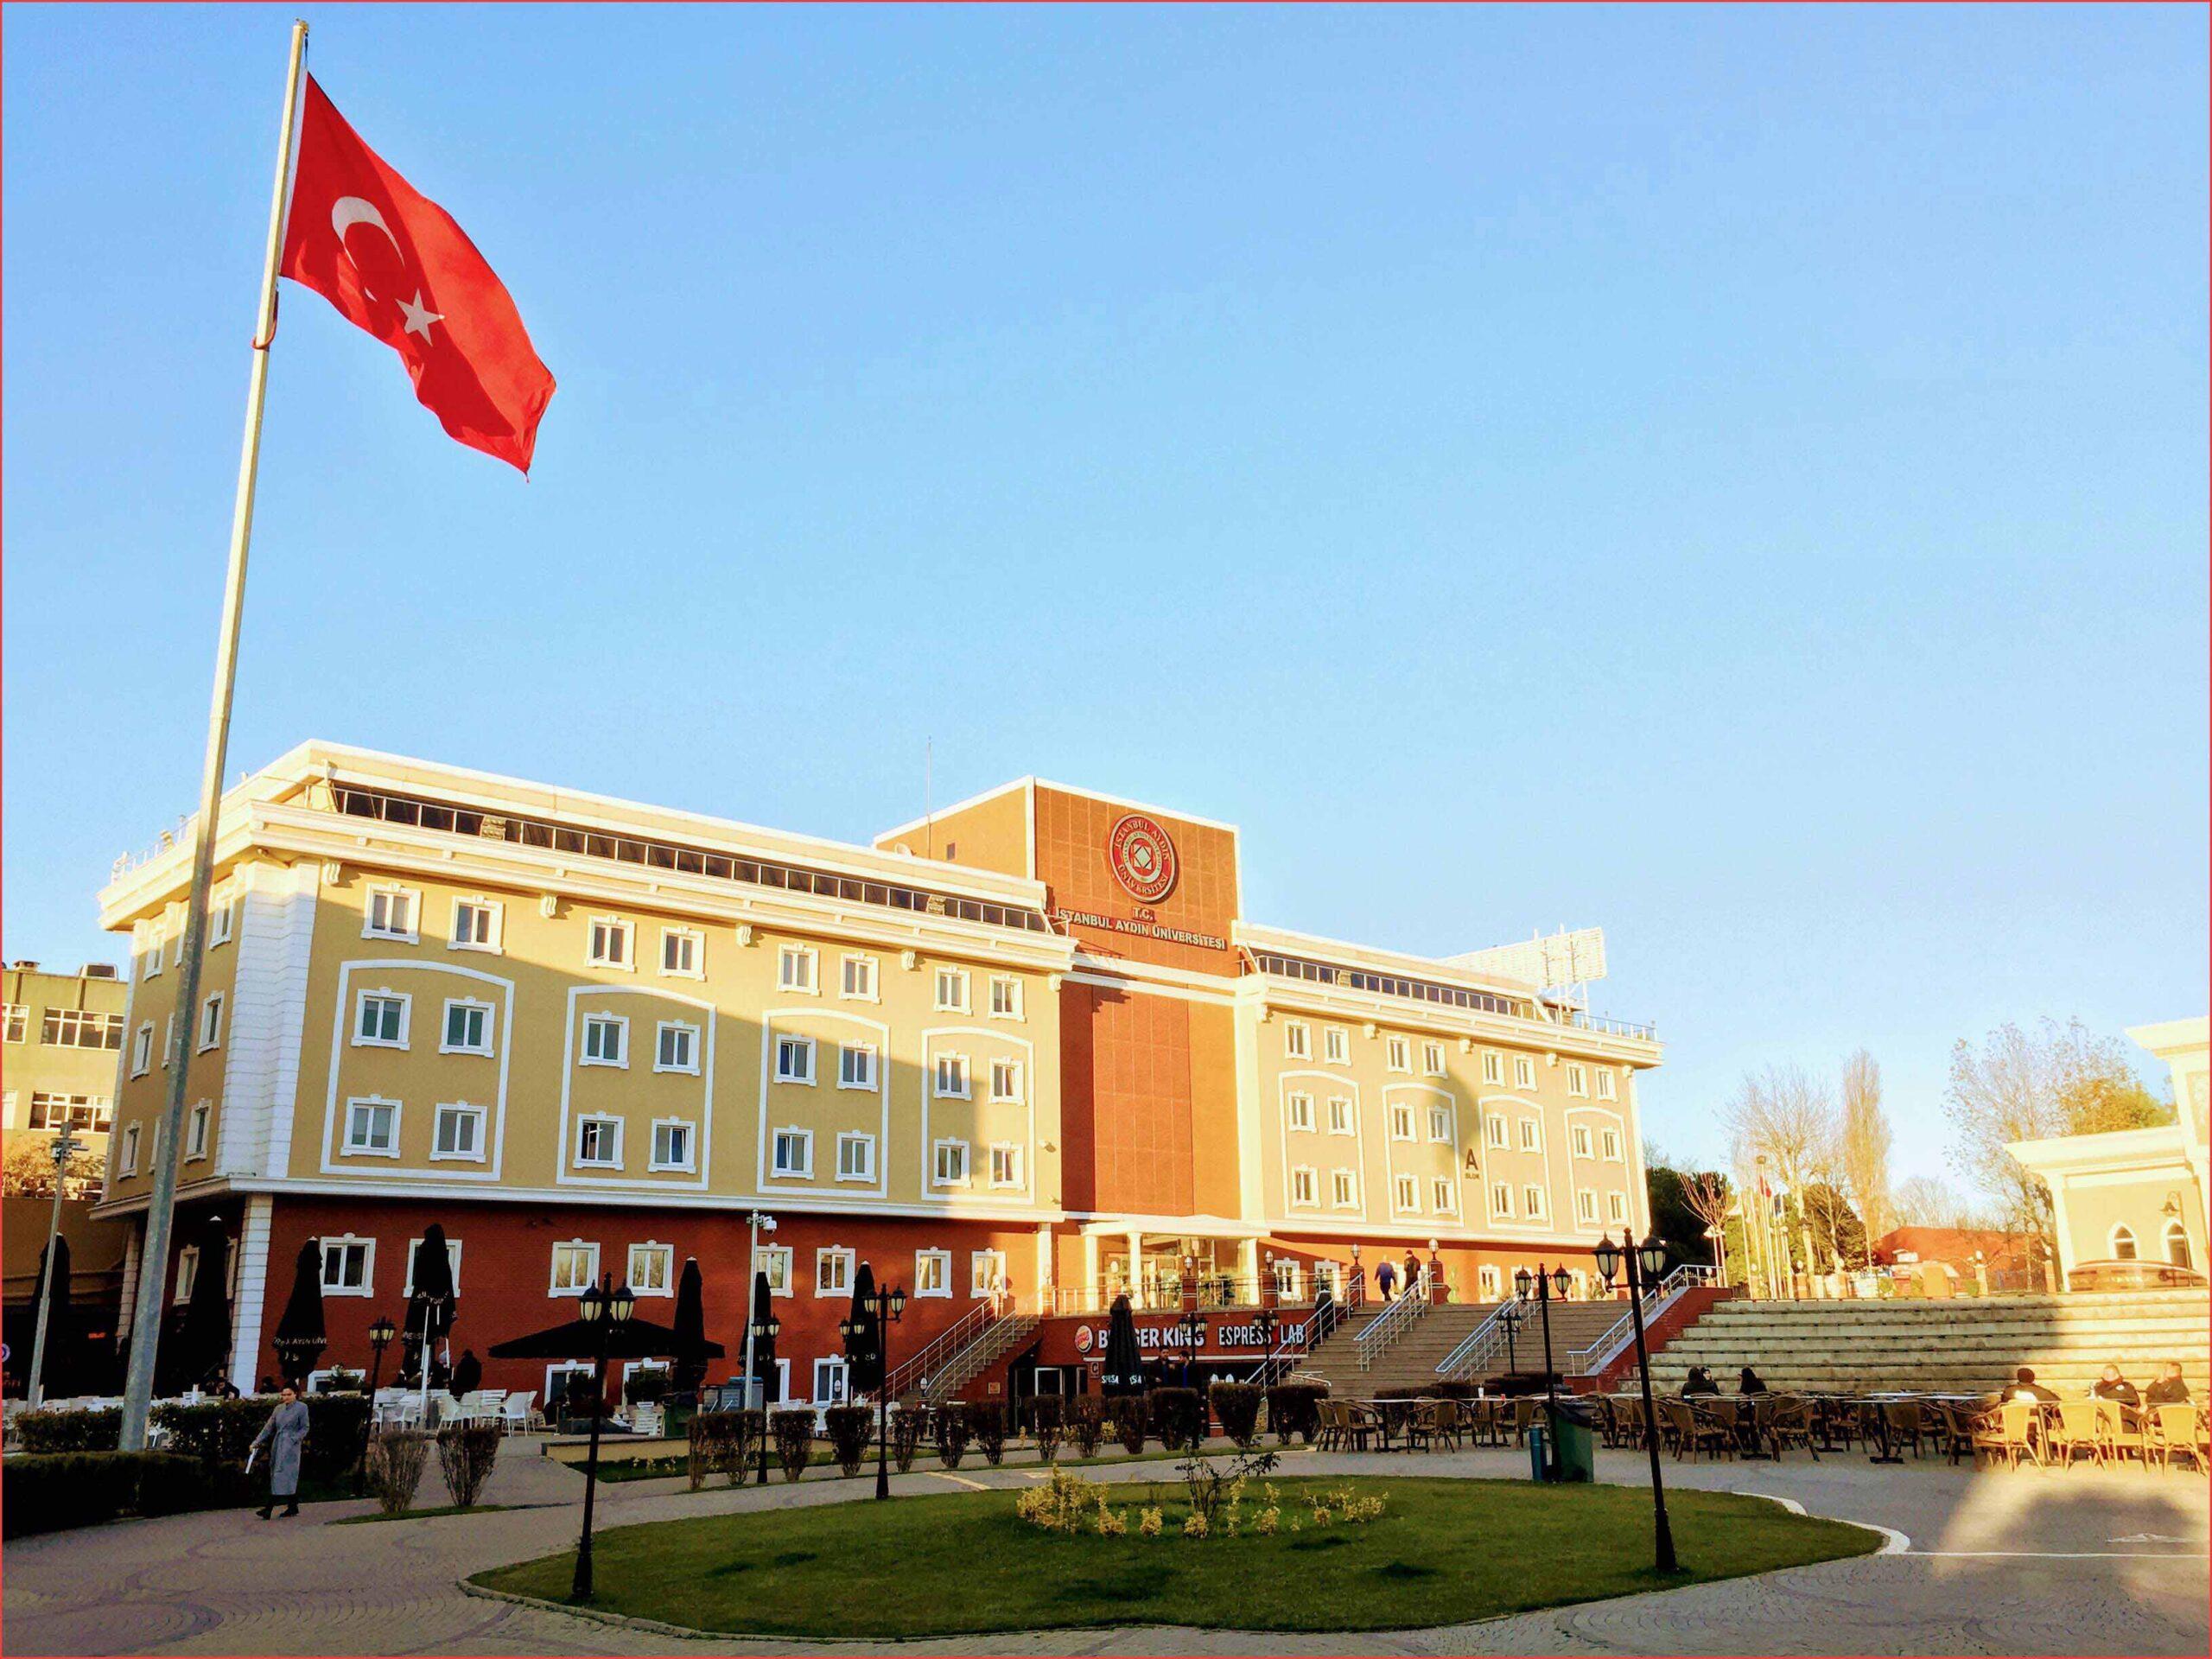 الدراسة الجامعية في تركيا يمكنك التعرف على معلومات حول الدراسة في تركيا